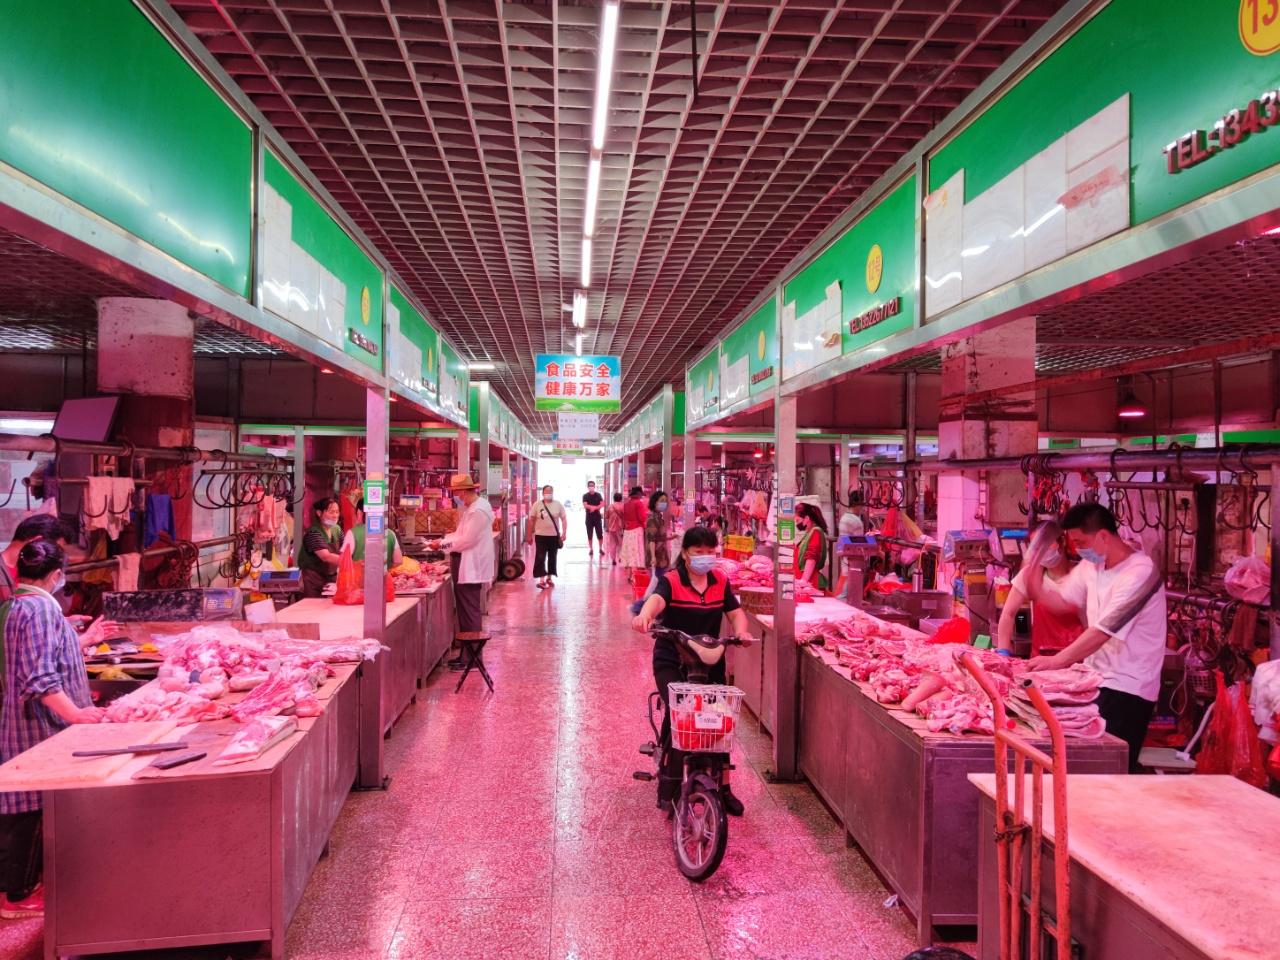 岳各庄批发天富市场鲜肉区可24小时不打烊,天富图片